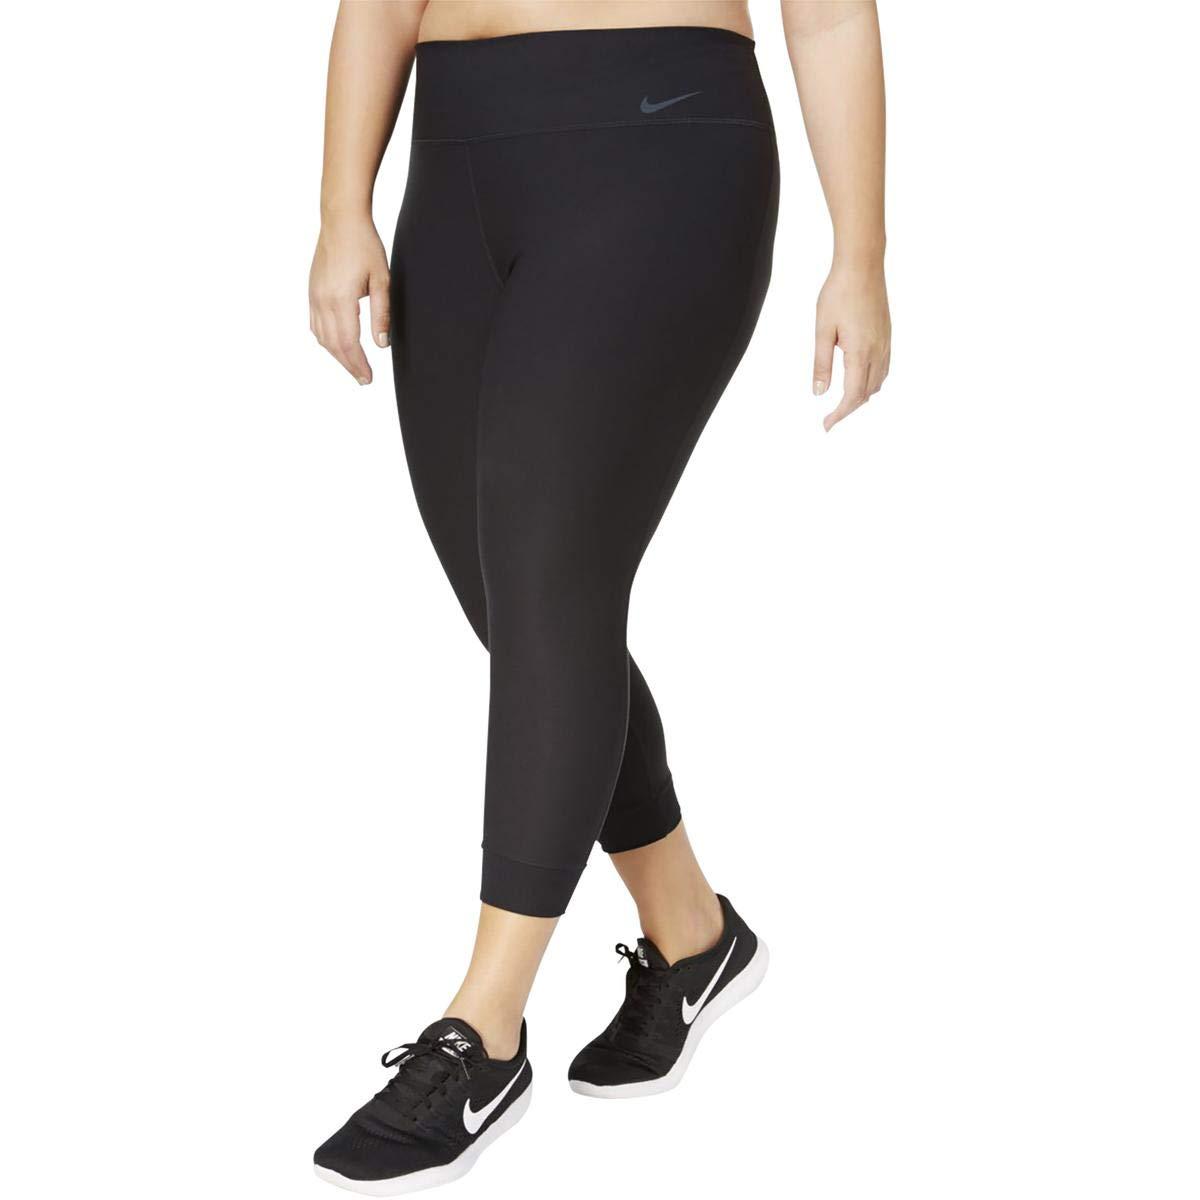 NIKE Womens Plus Training Cropped Athletic Leggings Black 1X